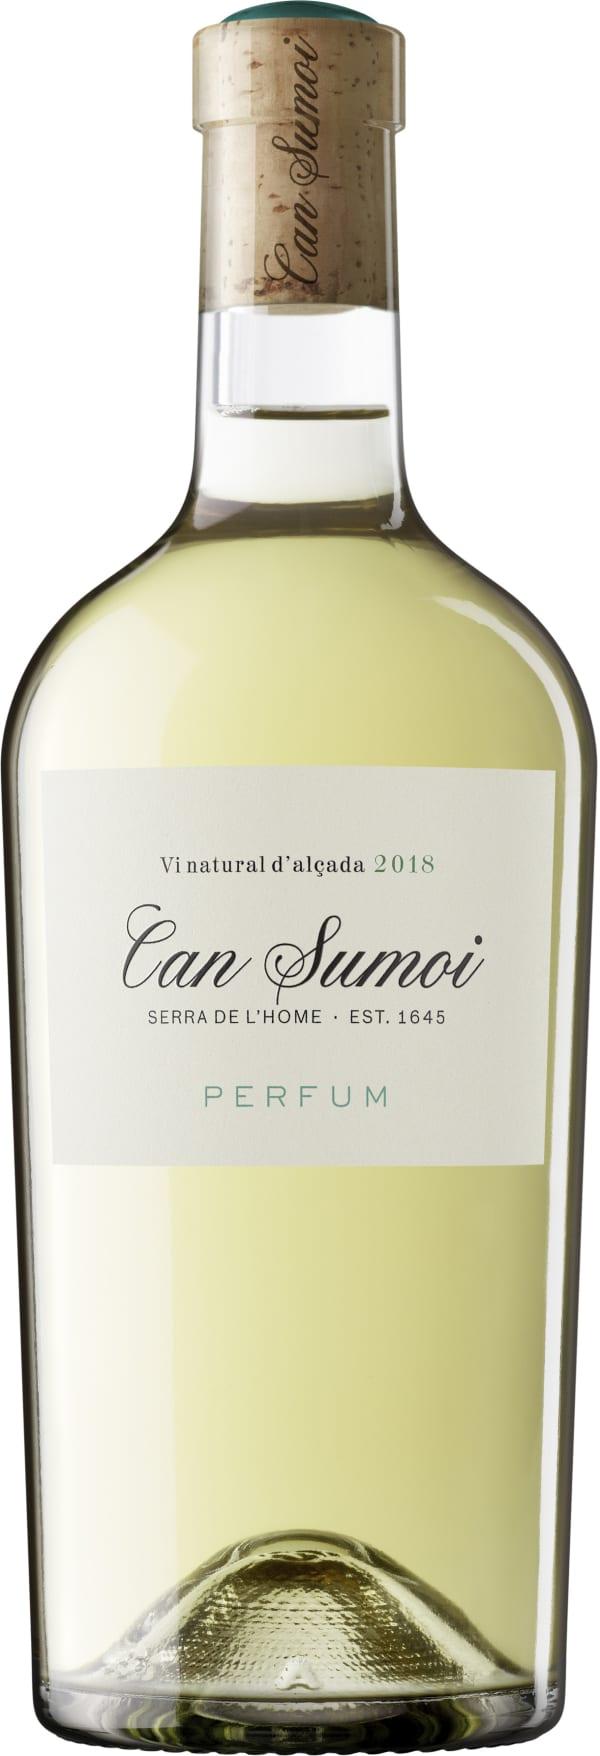 Can Sumoi Perfum 2018